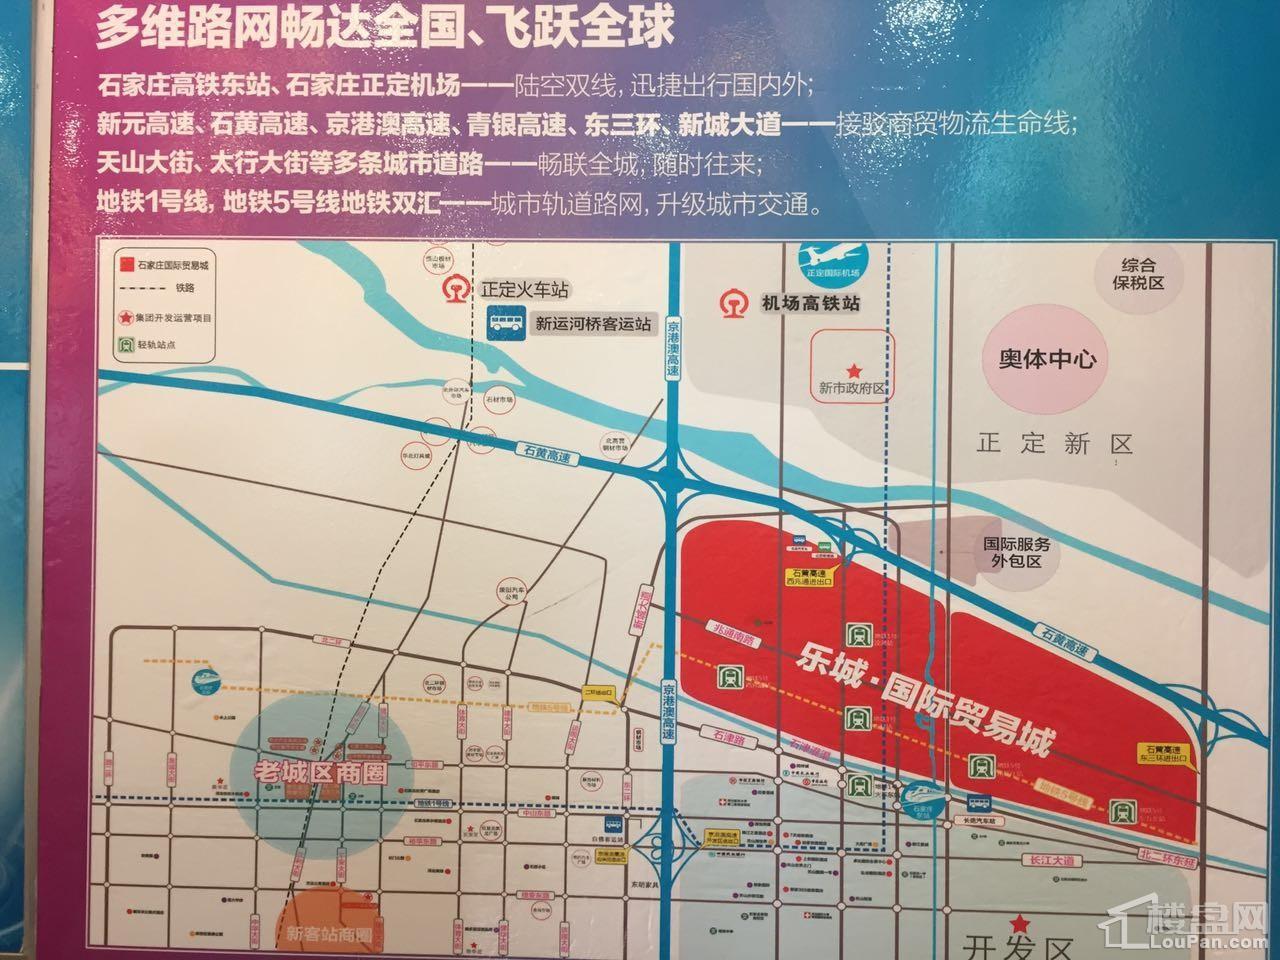 乐城国际贸易城户型图